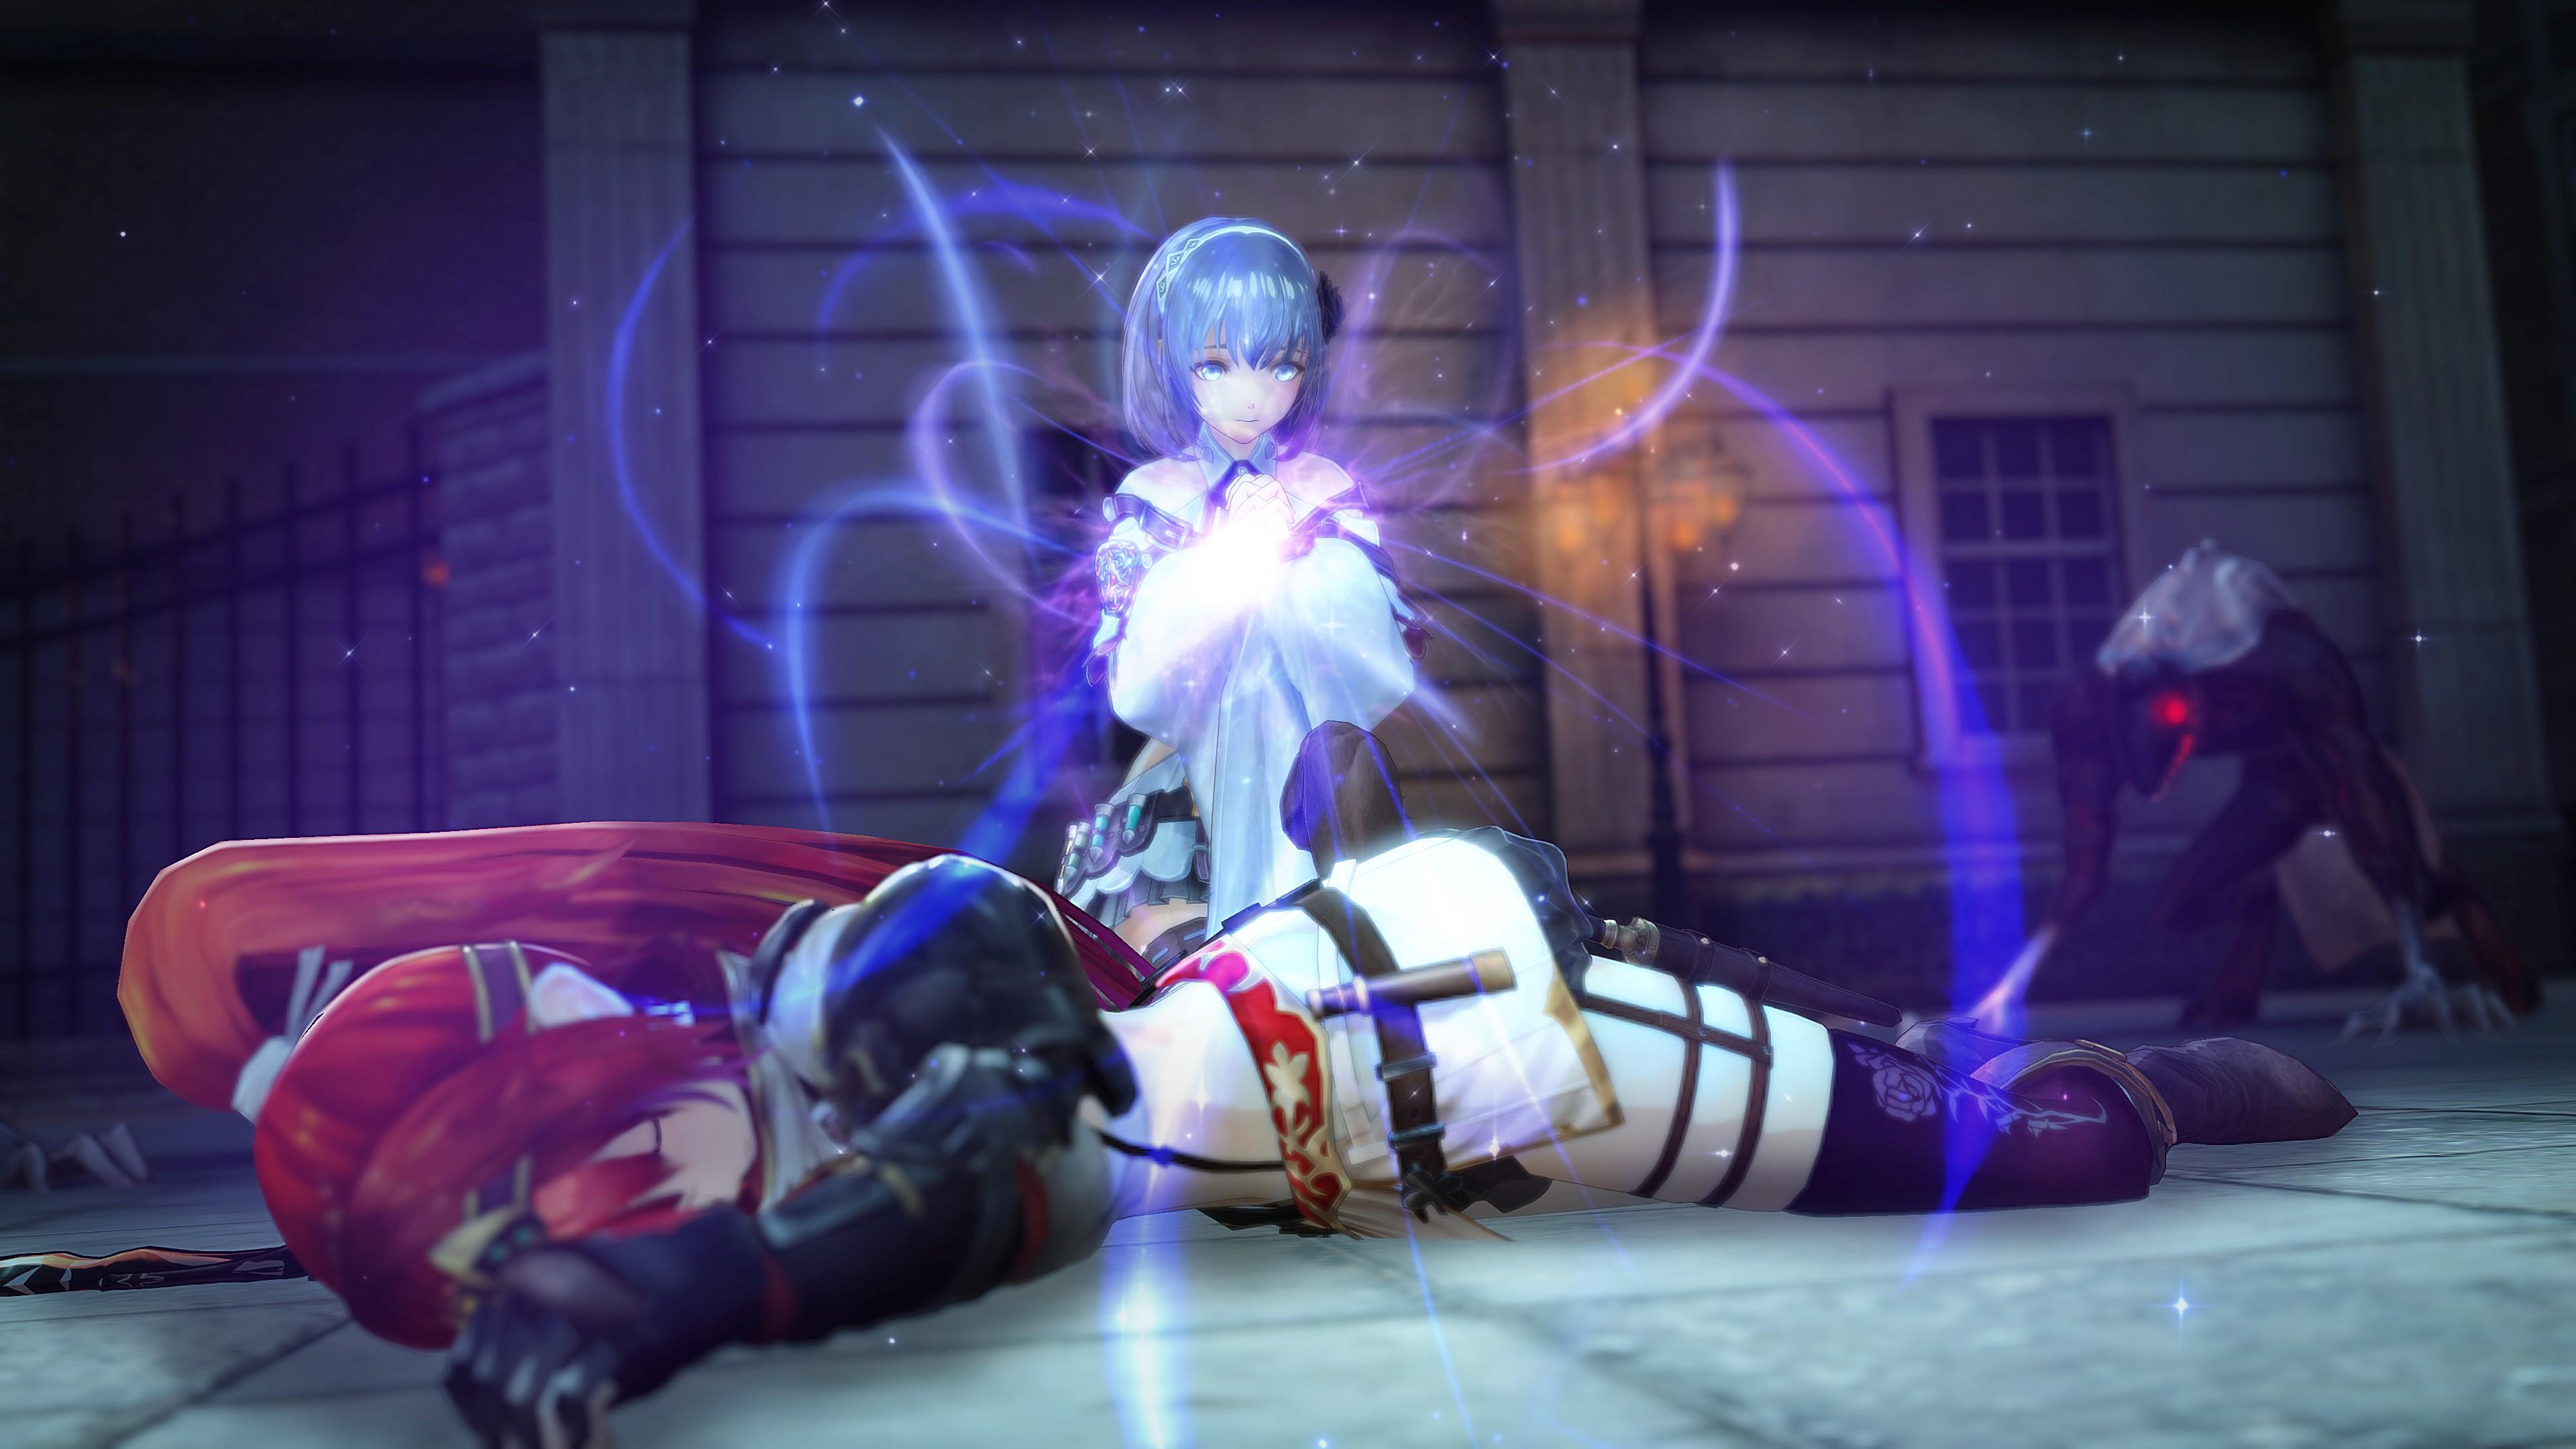 Detaily bojového sytému Nights of Azure 2 a bonusy po vydání 149843